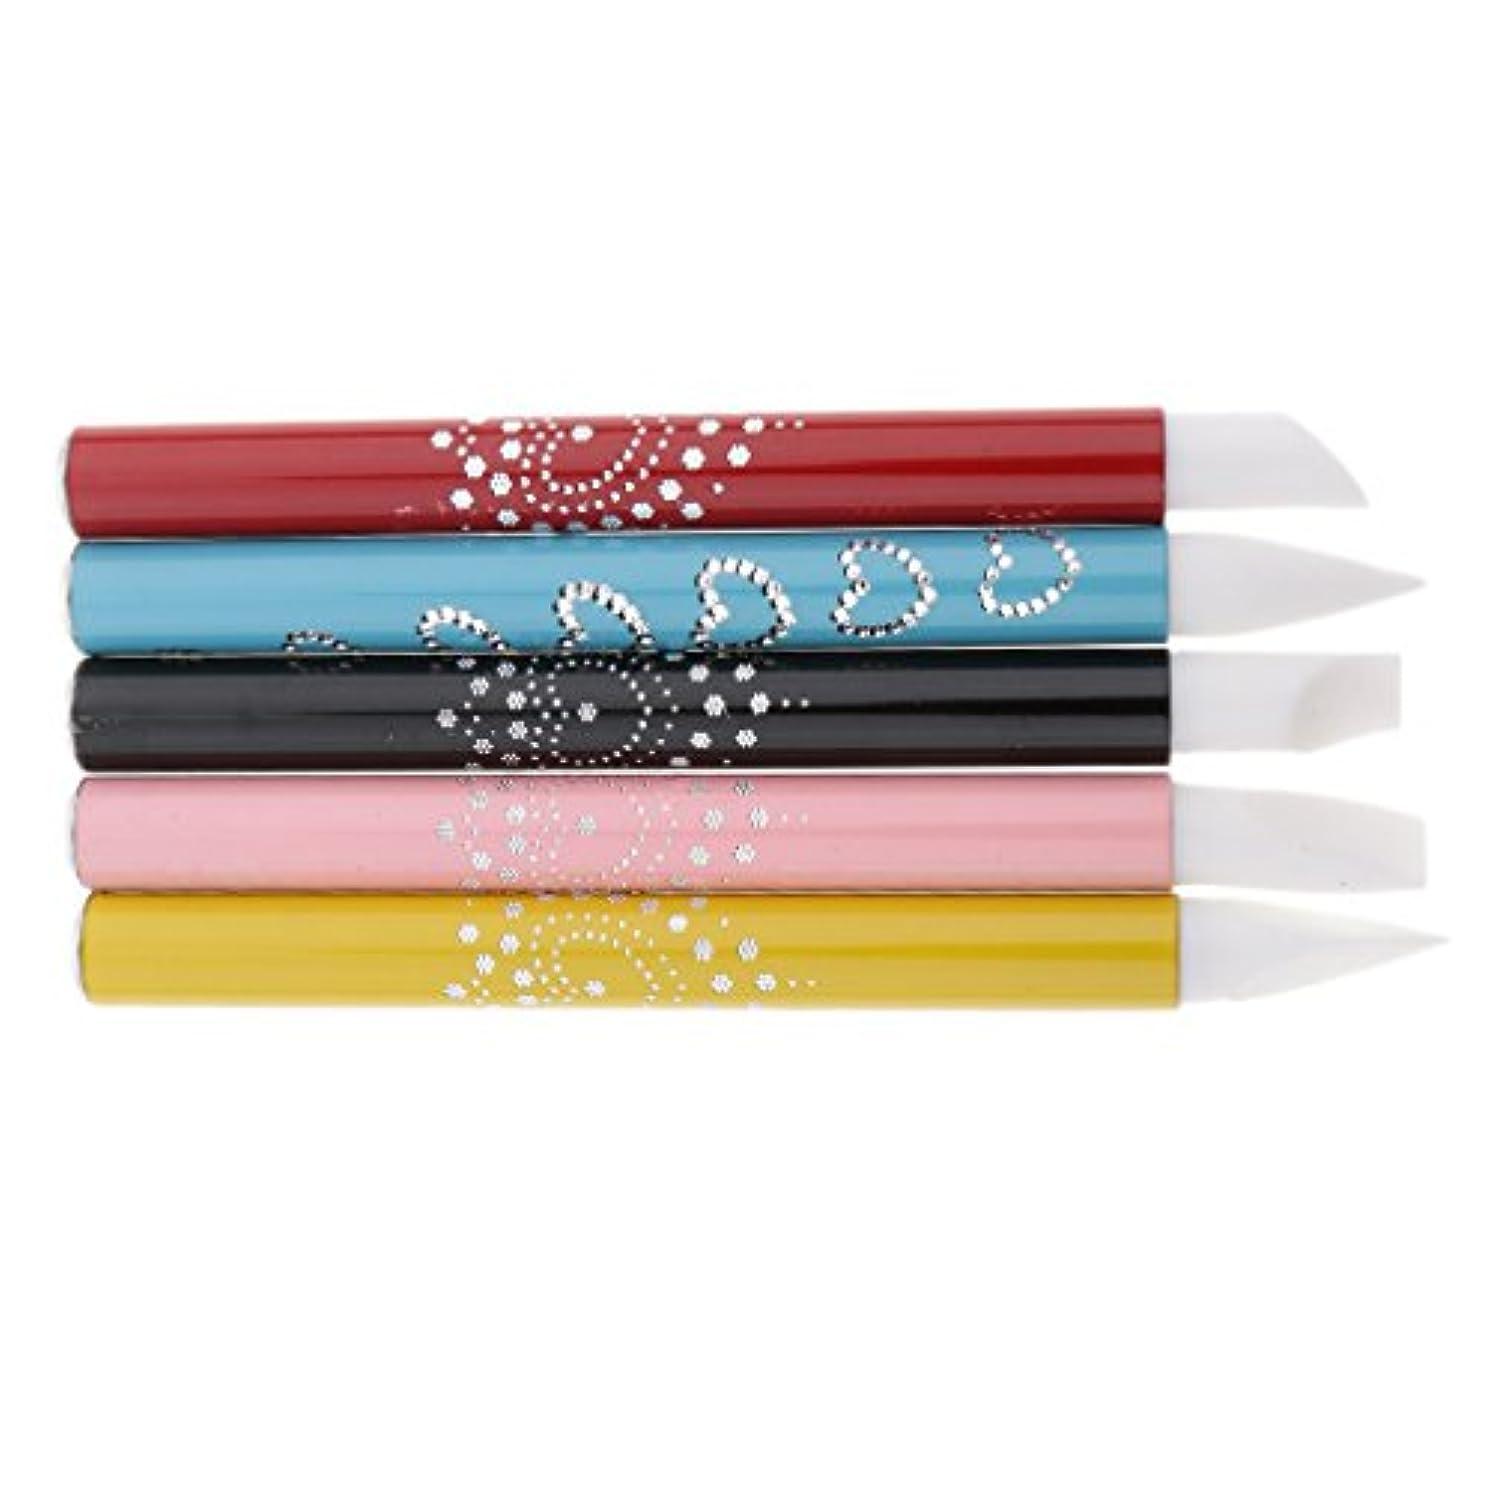 丘シネウィペンフレンド5個 ネイルアート ネイルペン ネイルブラシ シリコンチップ ブラシチップ 彫刻ペン アルミハンドル 繊細なデザイン プレゼント